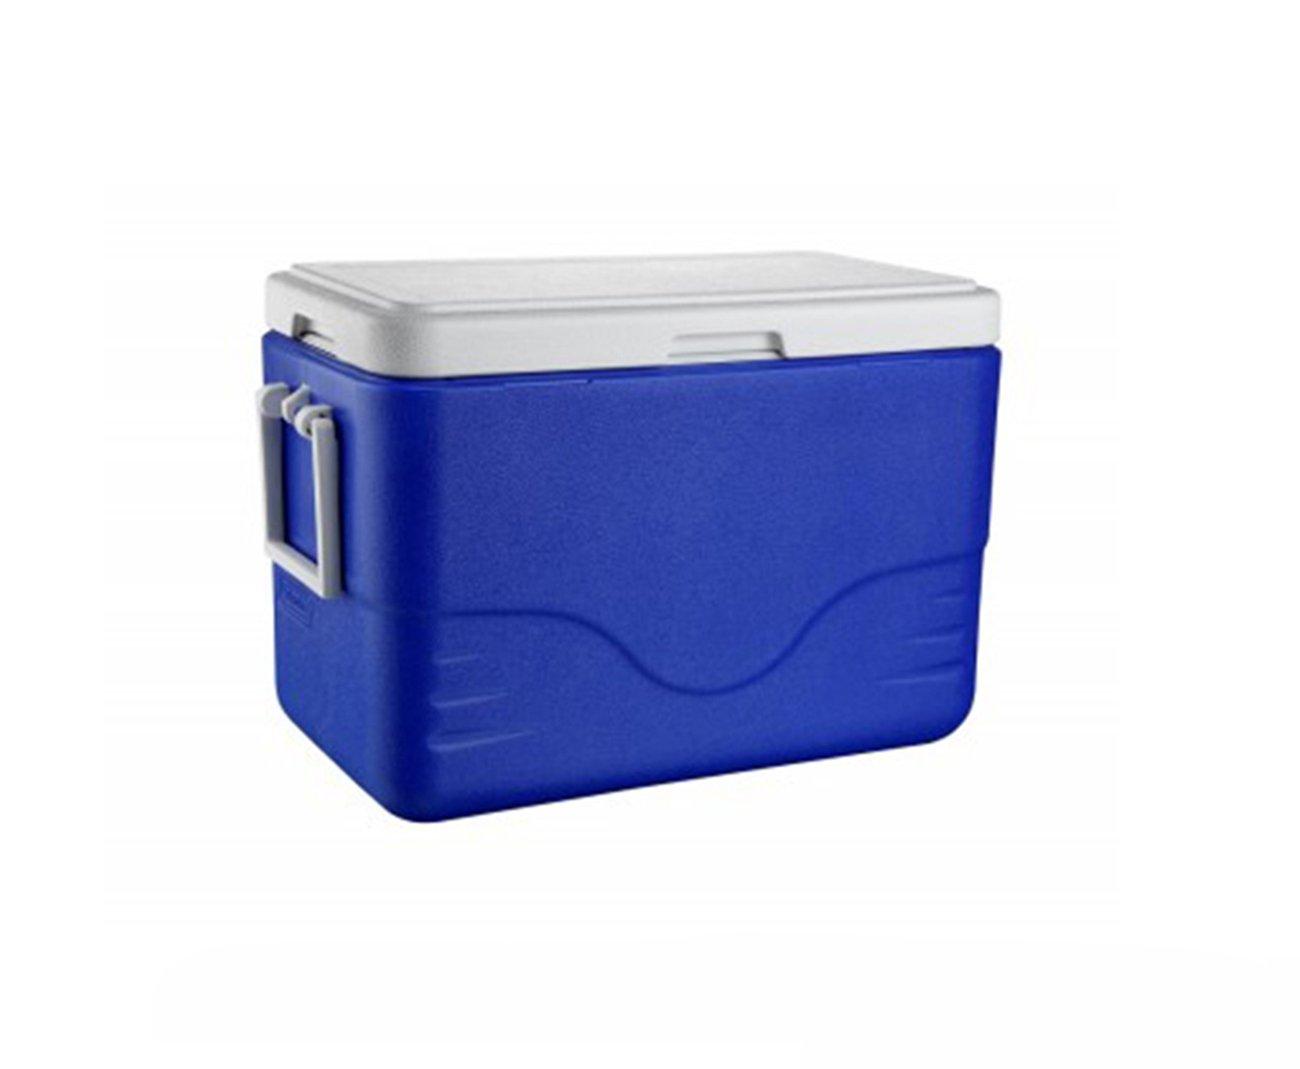 Caixa Térmica 28qt 26,5lts Azul - Coleman